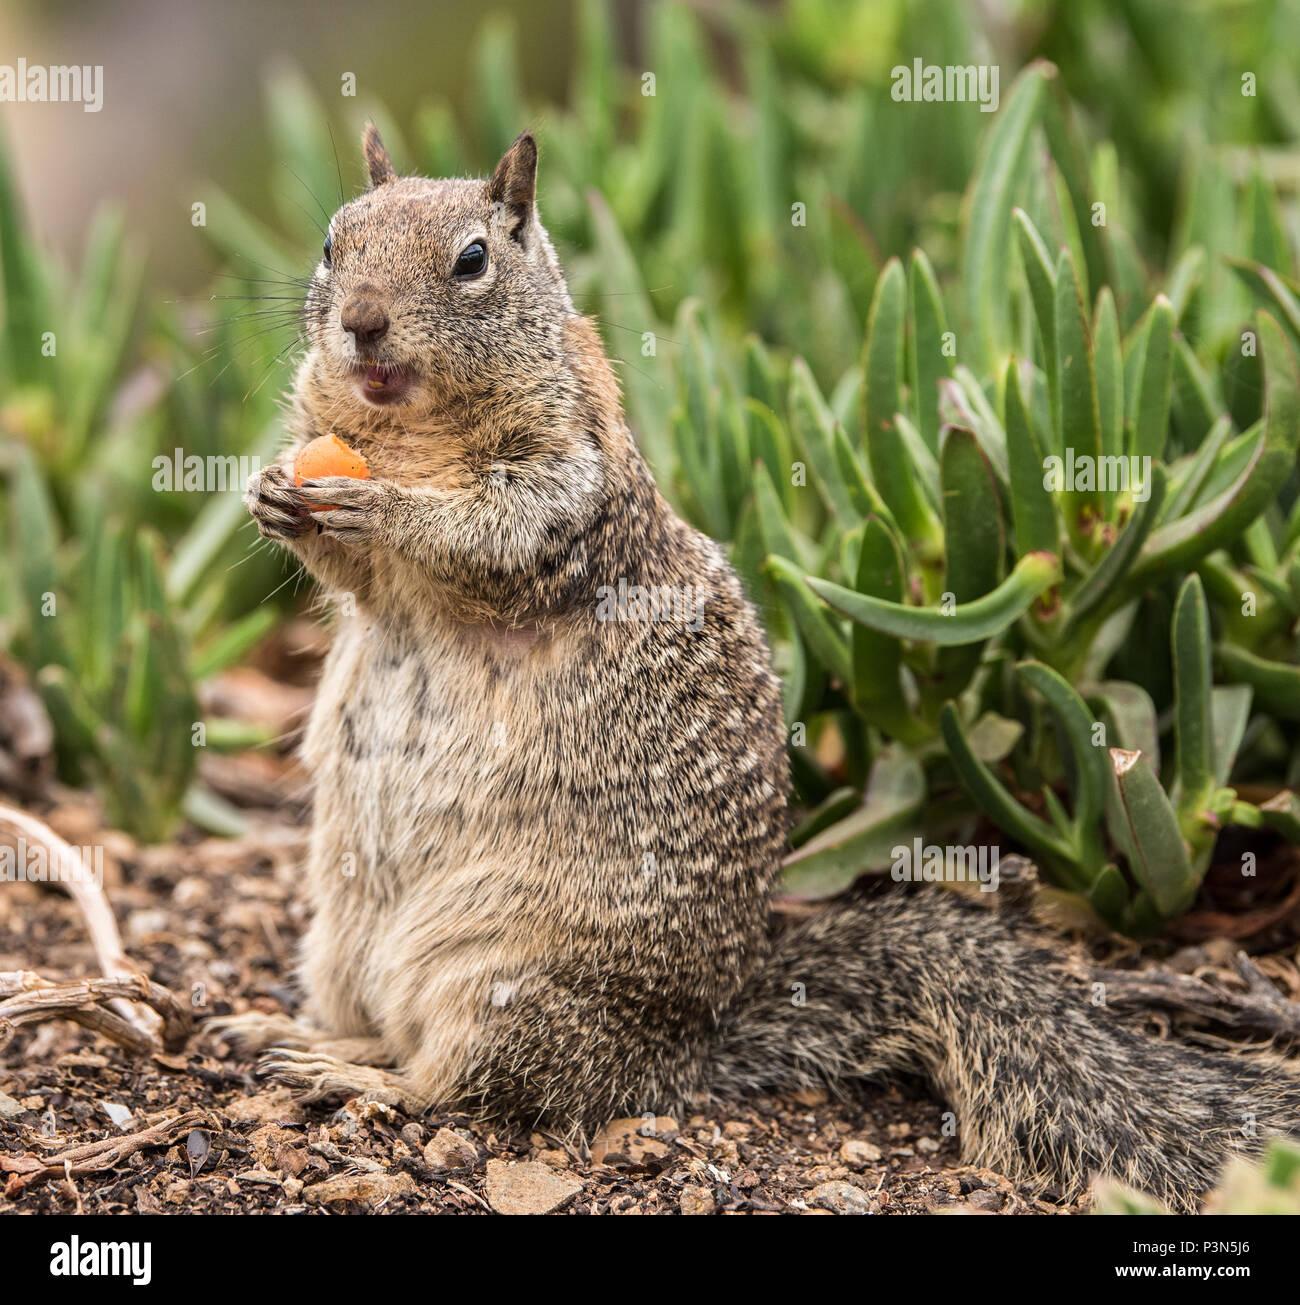 Séance d'écureuil en mangeant une carotte avec un fond vert Banque D'Images